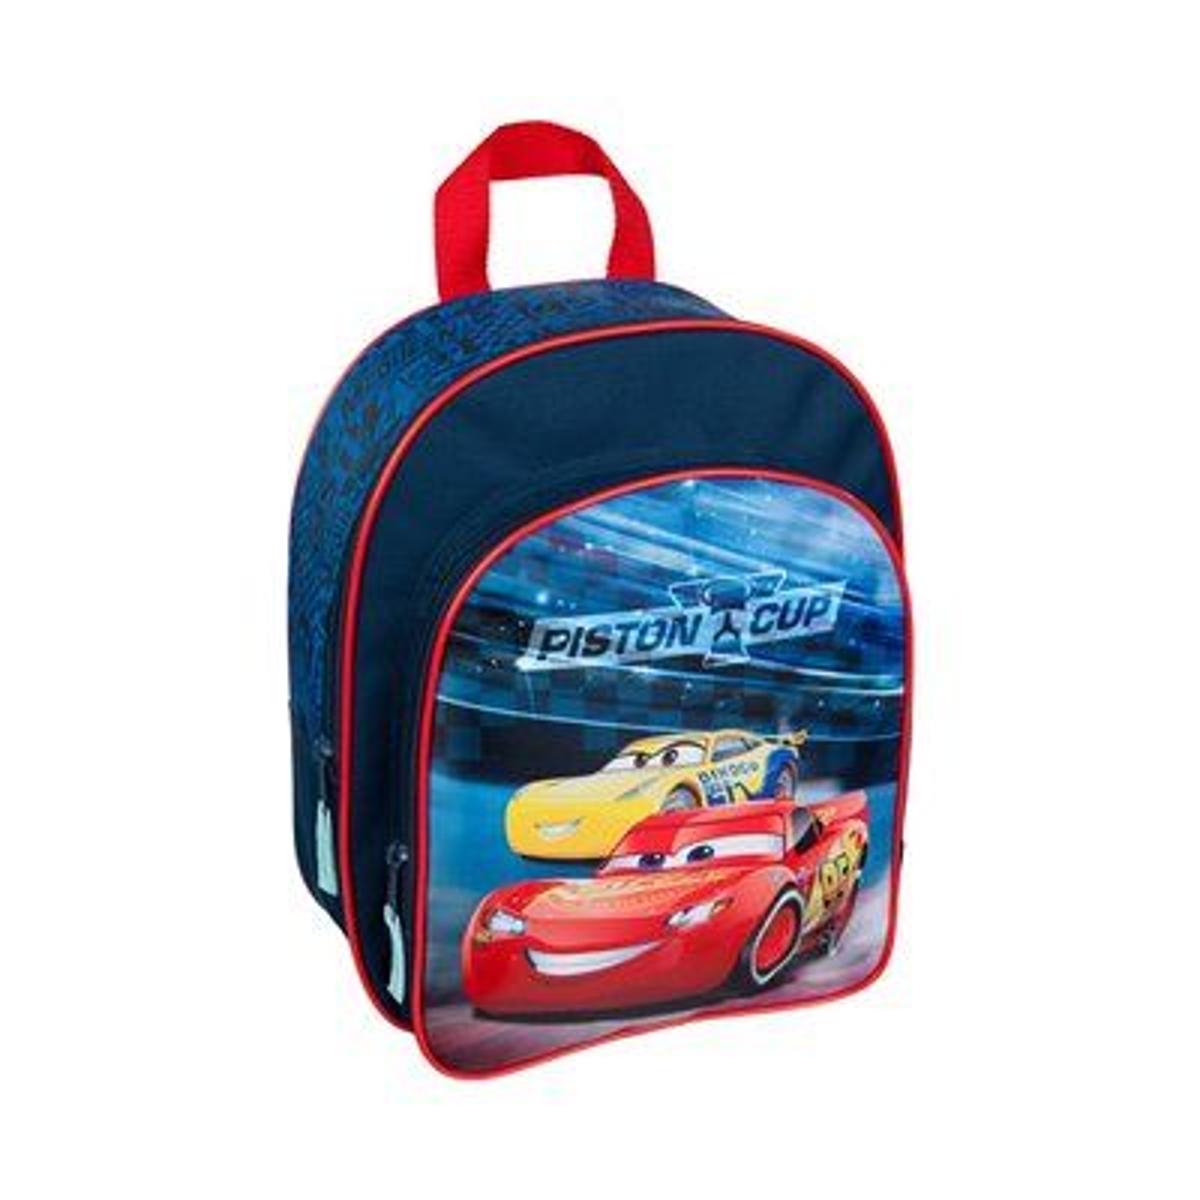 Undercover Le sac à dos avec poche à l'avant Cars petit sac enfant